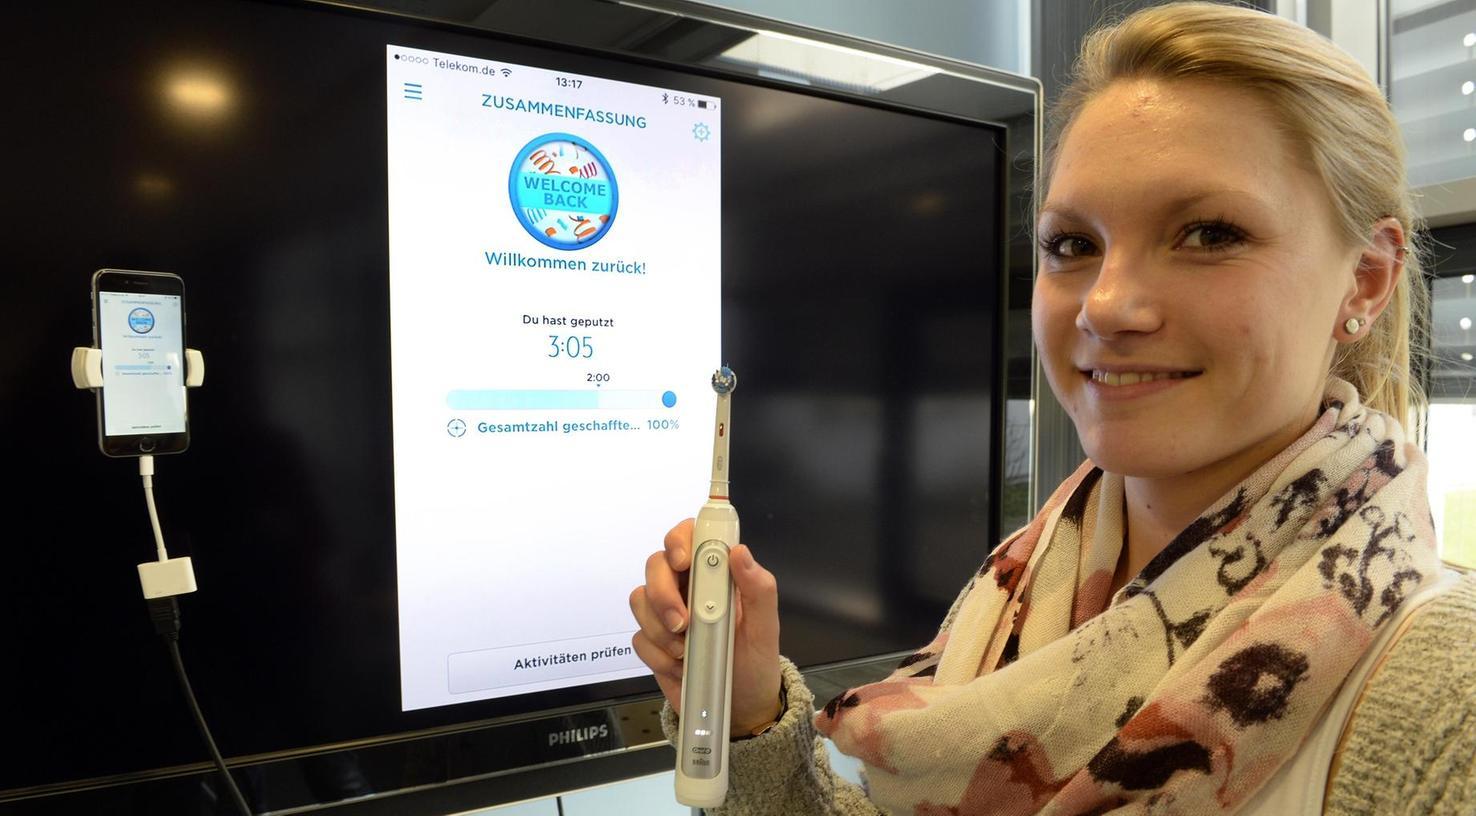 Zähneputzen auf höchstem technischen Niveau: Die Mitarbeiterin des Fraunhofer-Instituts für Integrierte Schaltungen, Simone Strecker, zeigt, wie eine intelligente Bürste funktioniert.